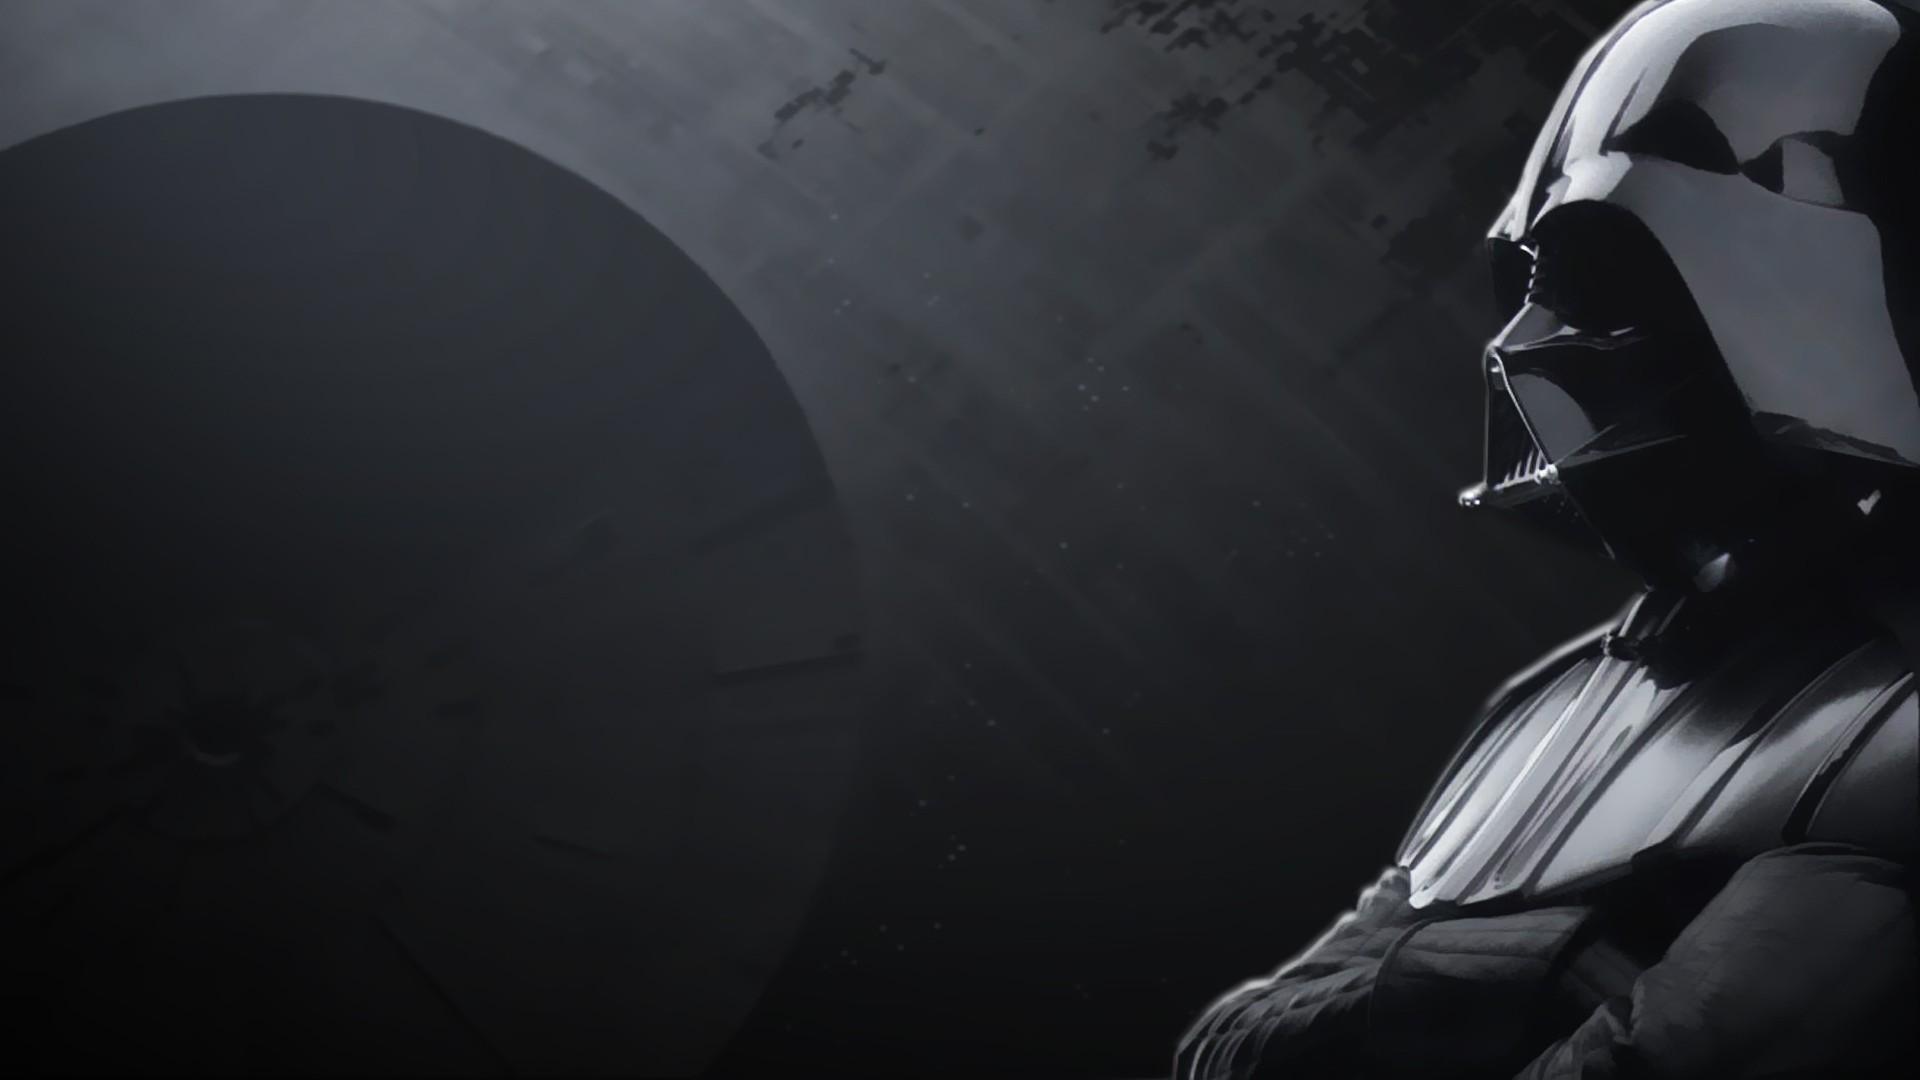 デスクトップ壁紙 スターウォーズ ダース ベイダー 光 闇 スクリーンショット コンピュータの壁紙 黒と白 モノクロ写真 フィルム ノワール 19x1080 Kejsirajbek デスクトップ壁紙 Wallhere